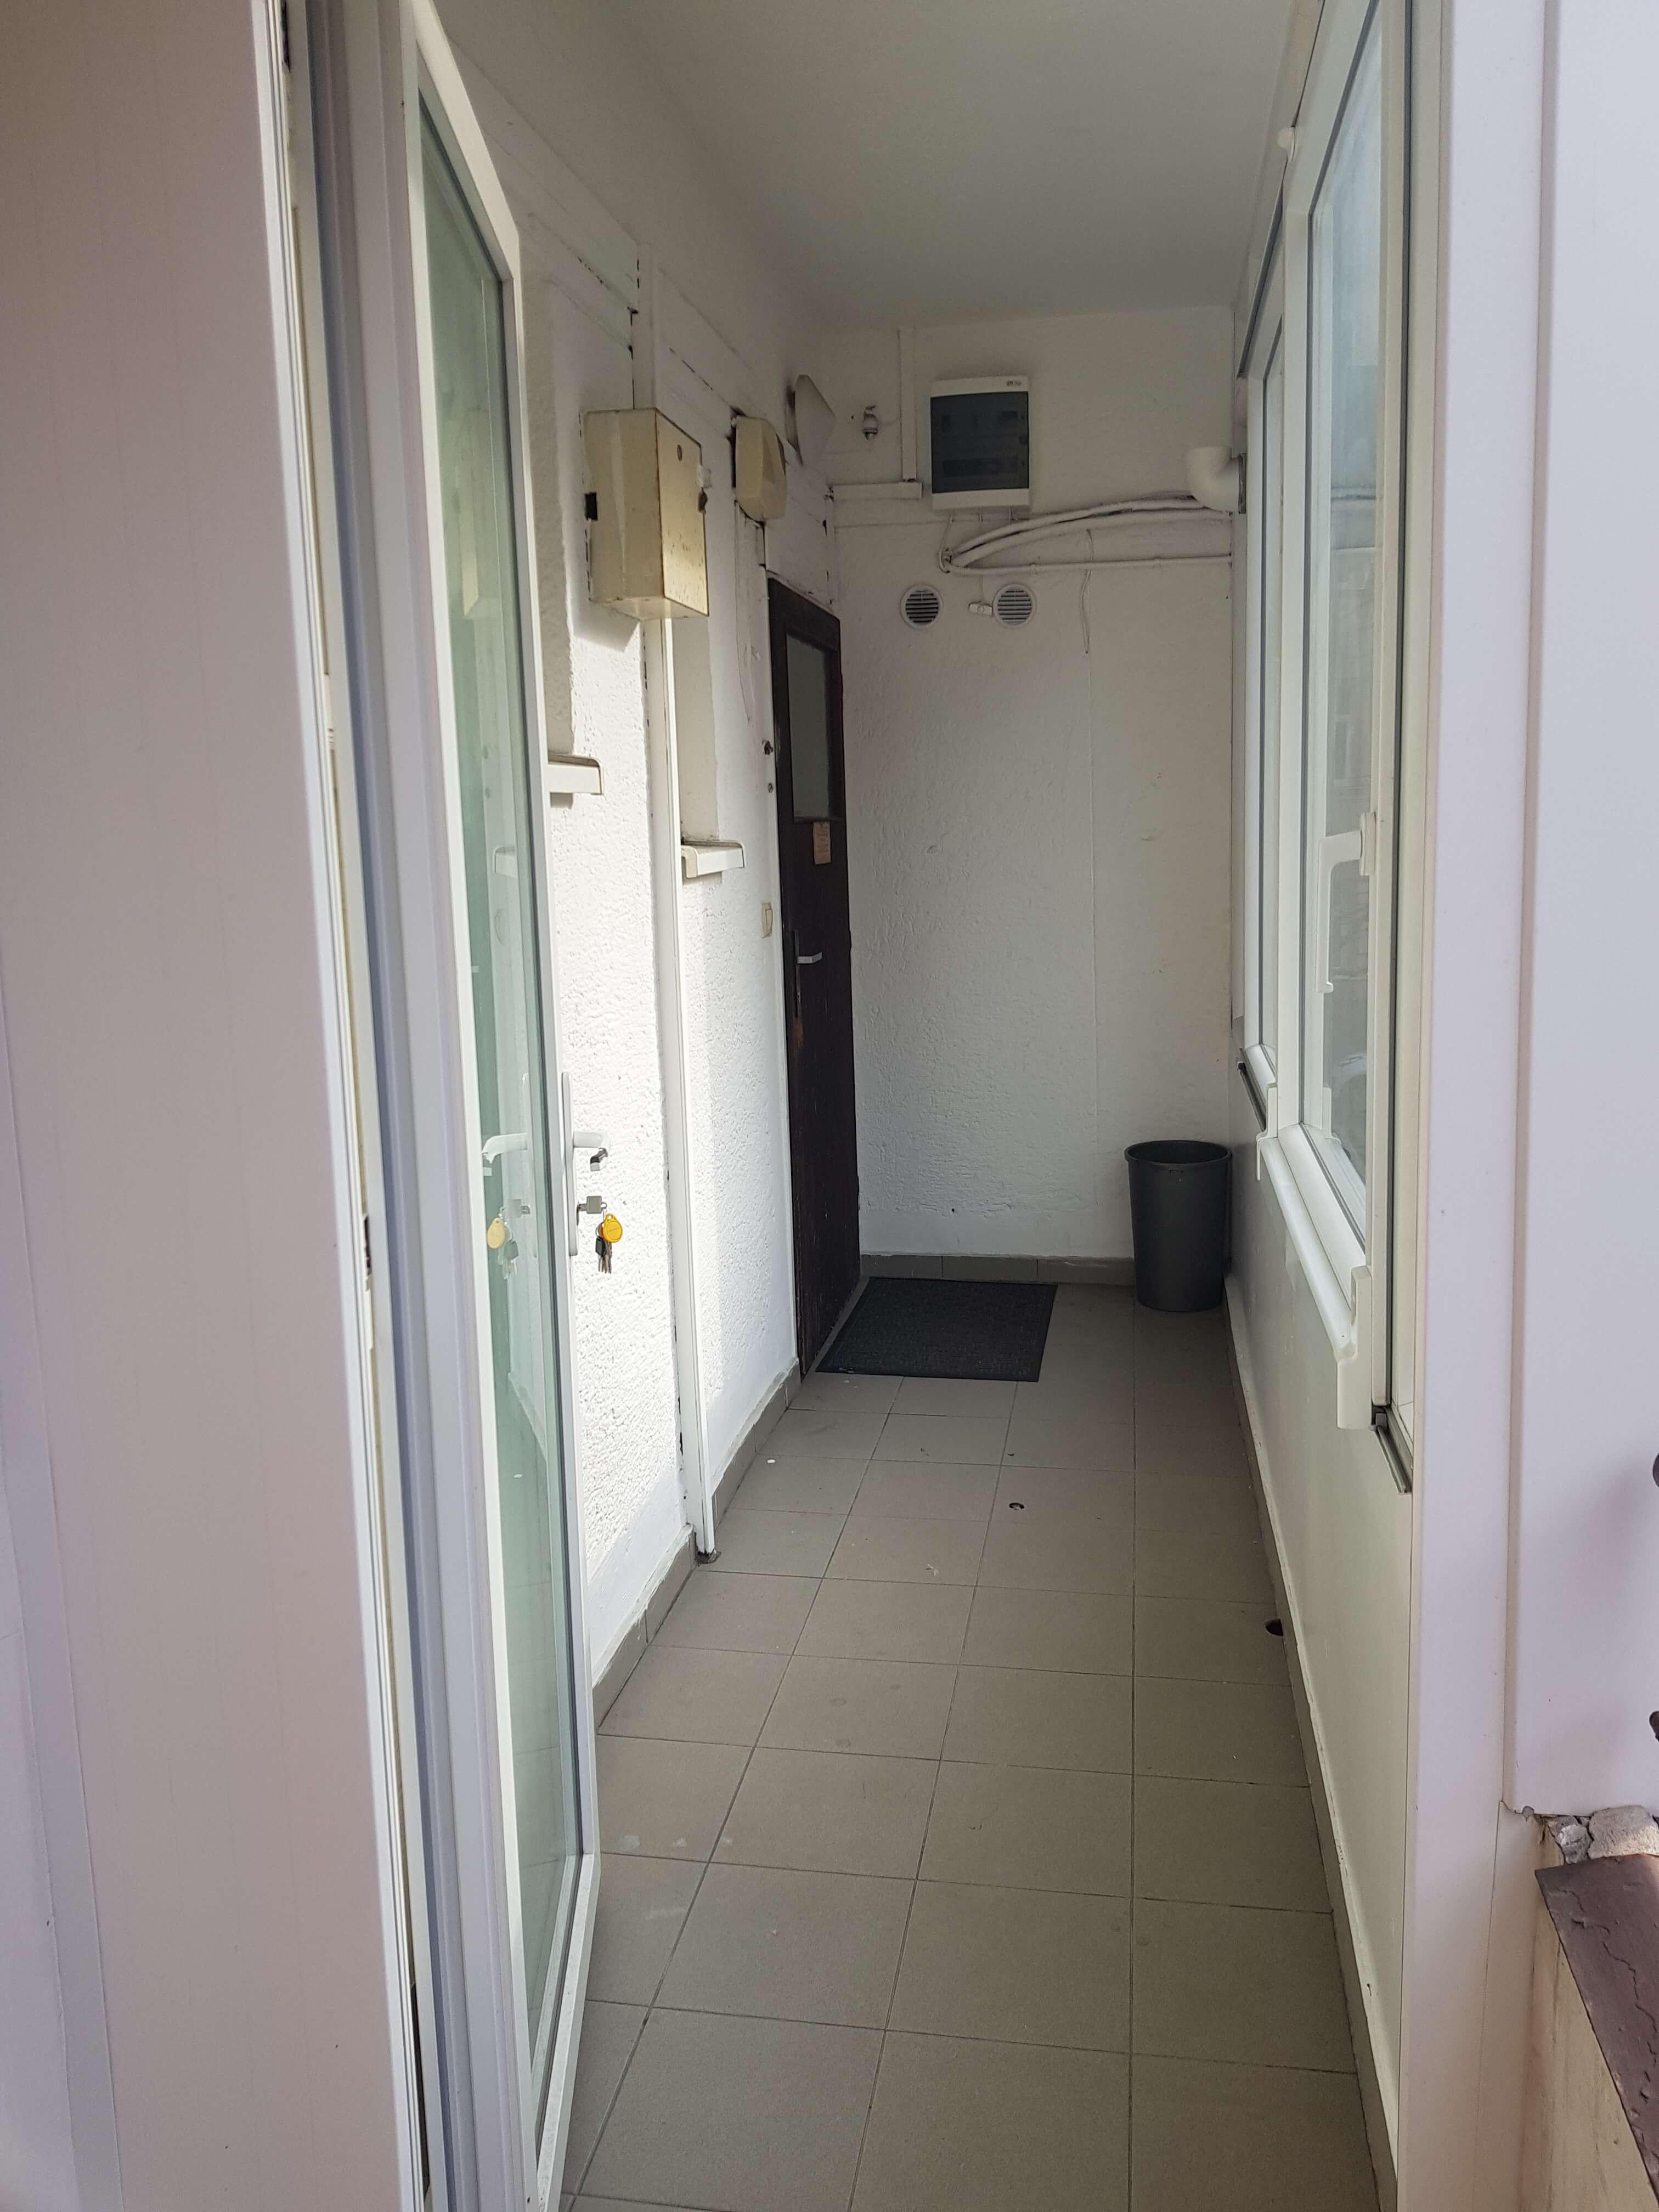 Prenájom jednej izby v 2 izb. byte, staré mesto, Šancová ulica, Bratislava, 80m2, zariadený-7